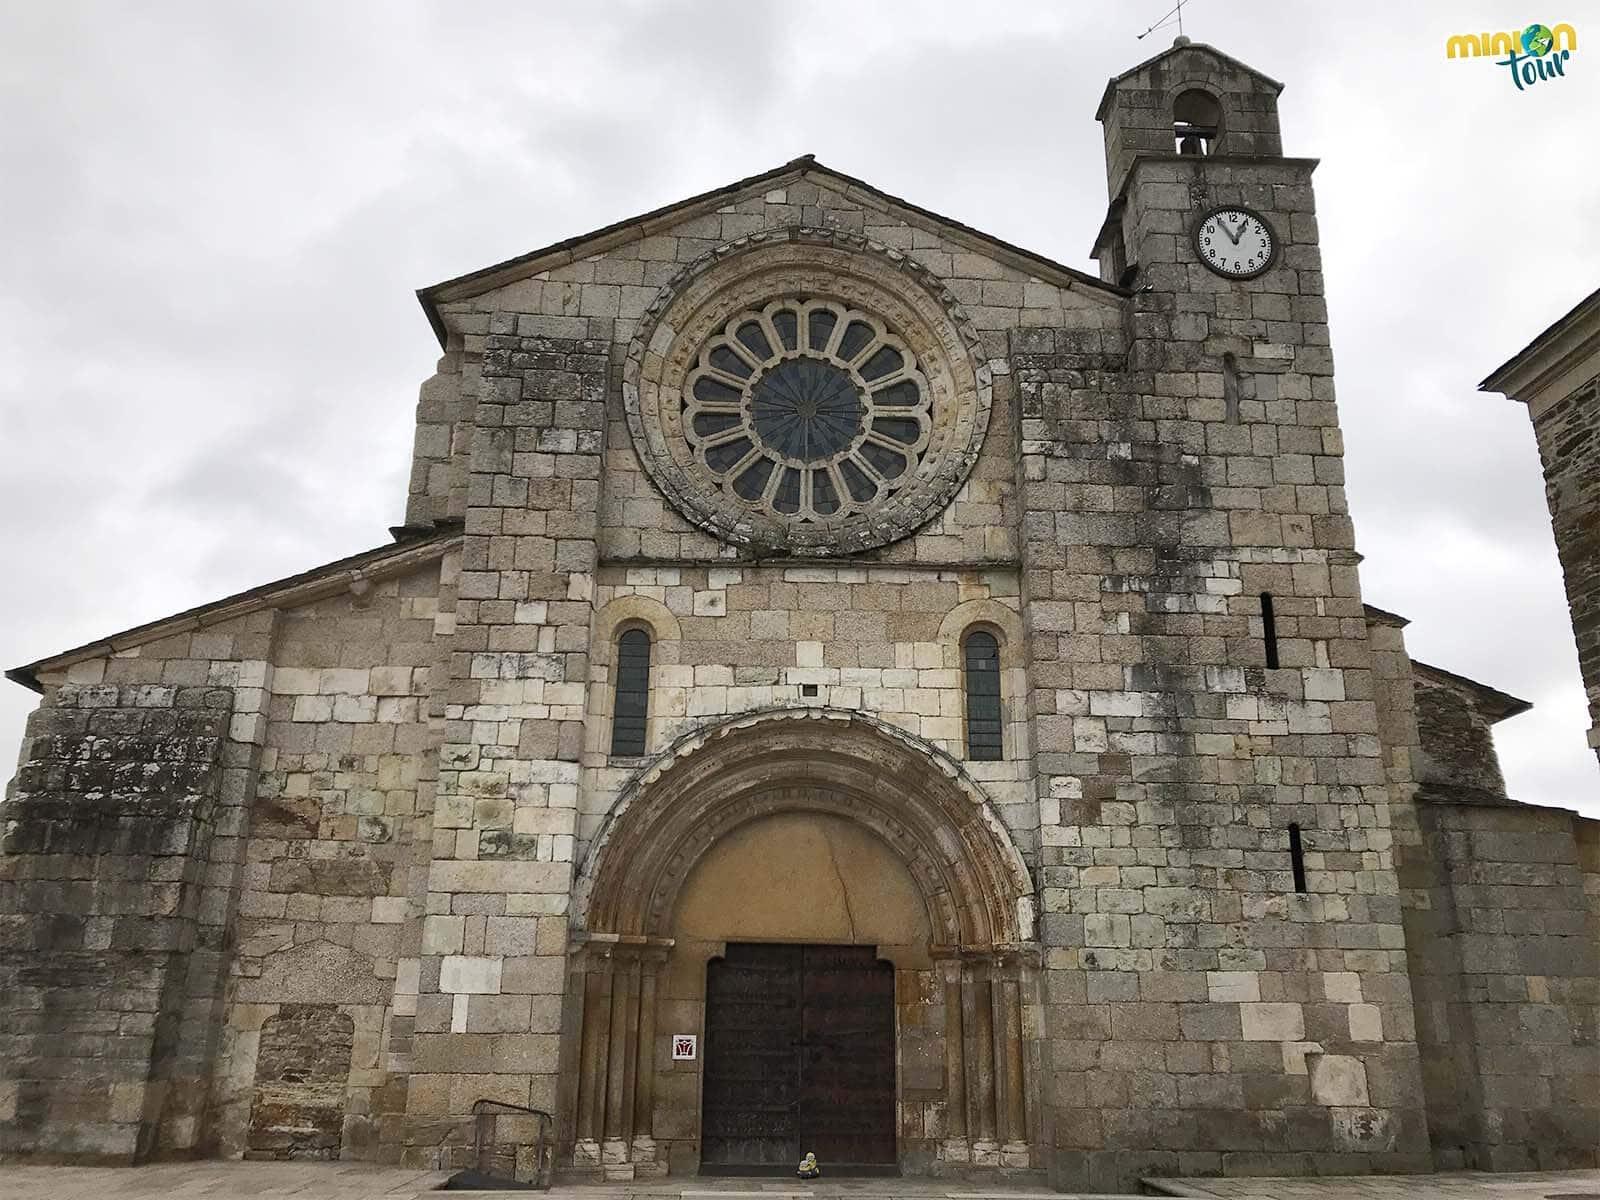 Minions admirando la fachada de la Iglesia de Santa María de Meira